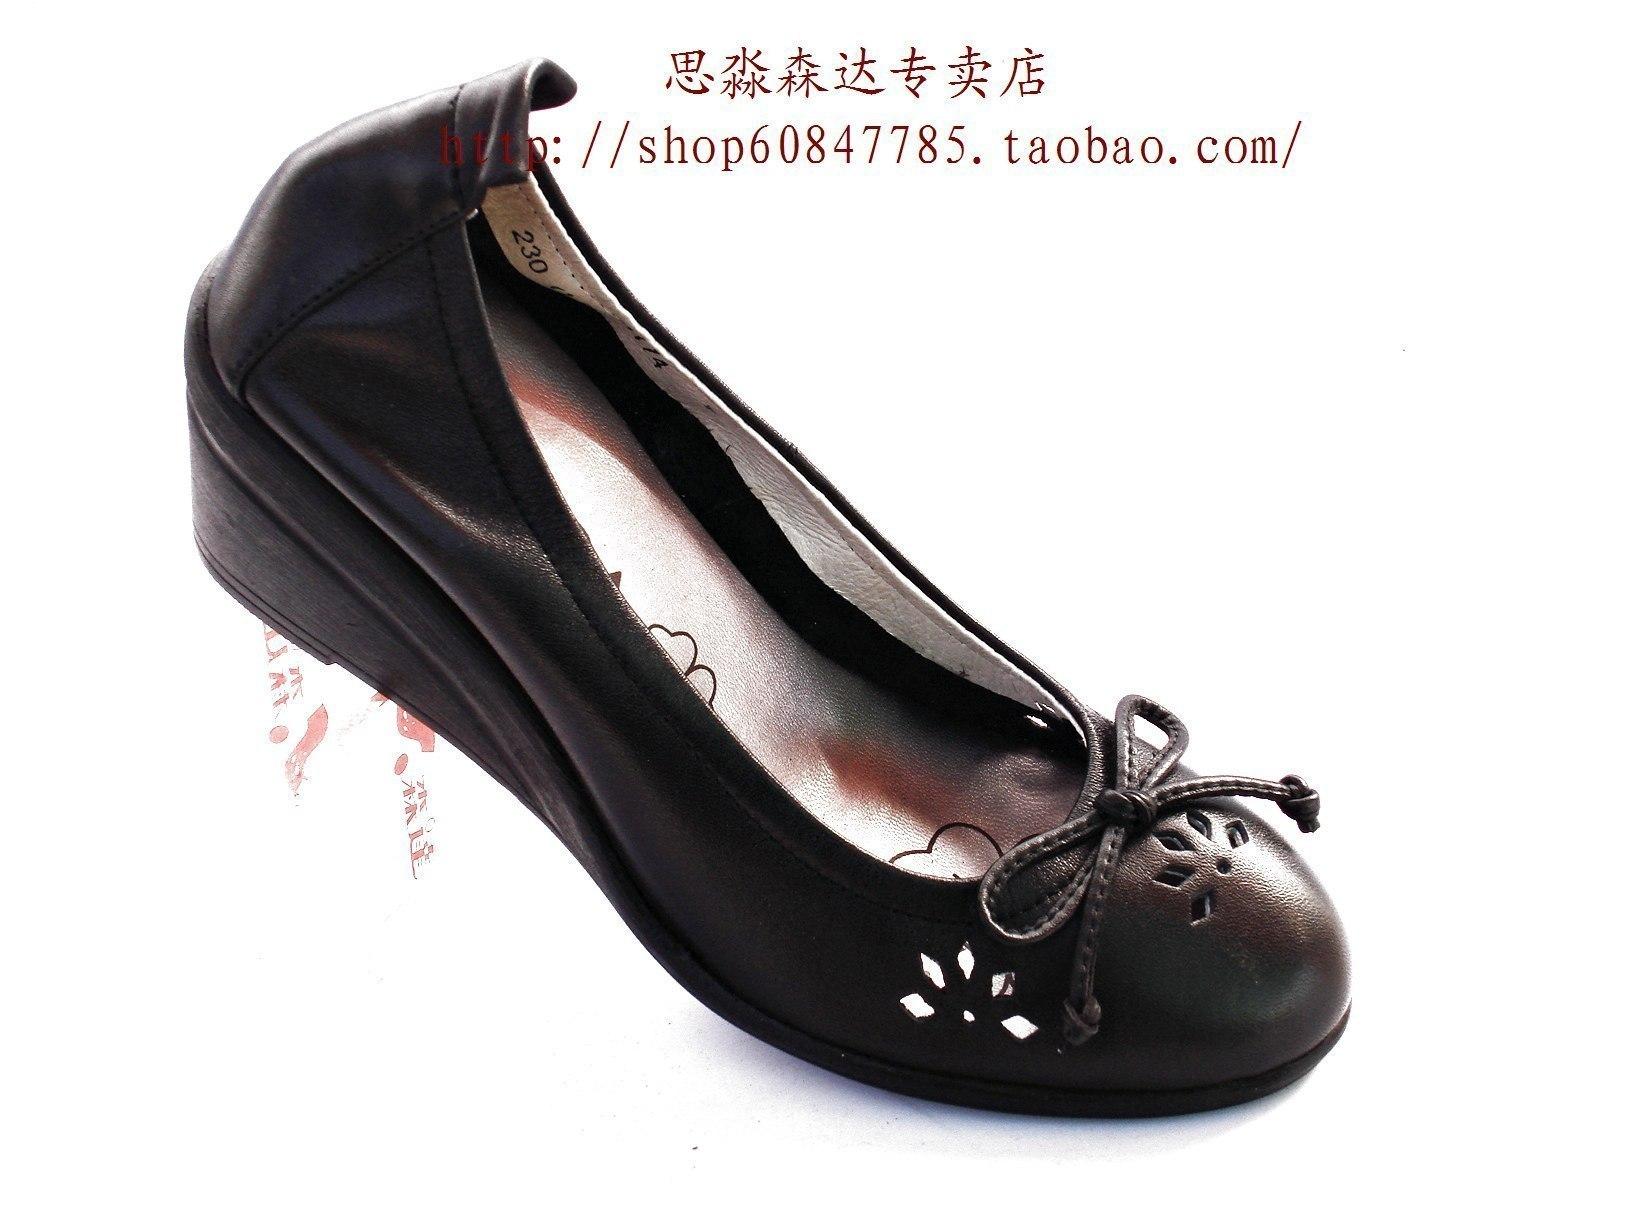 森达女鞋 专柜正品 2011新款 浅口 蝴蝶结 坡跟 女单鞋 7pwt74u1图片